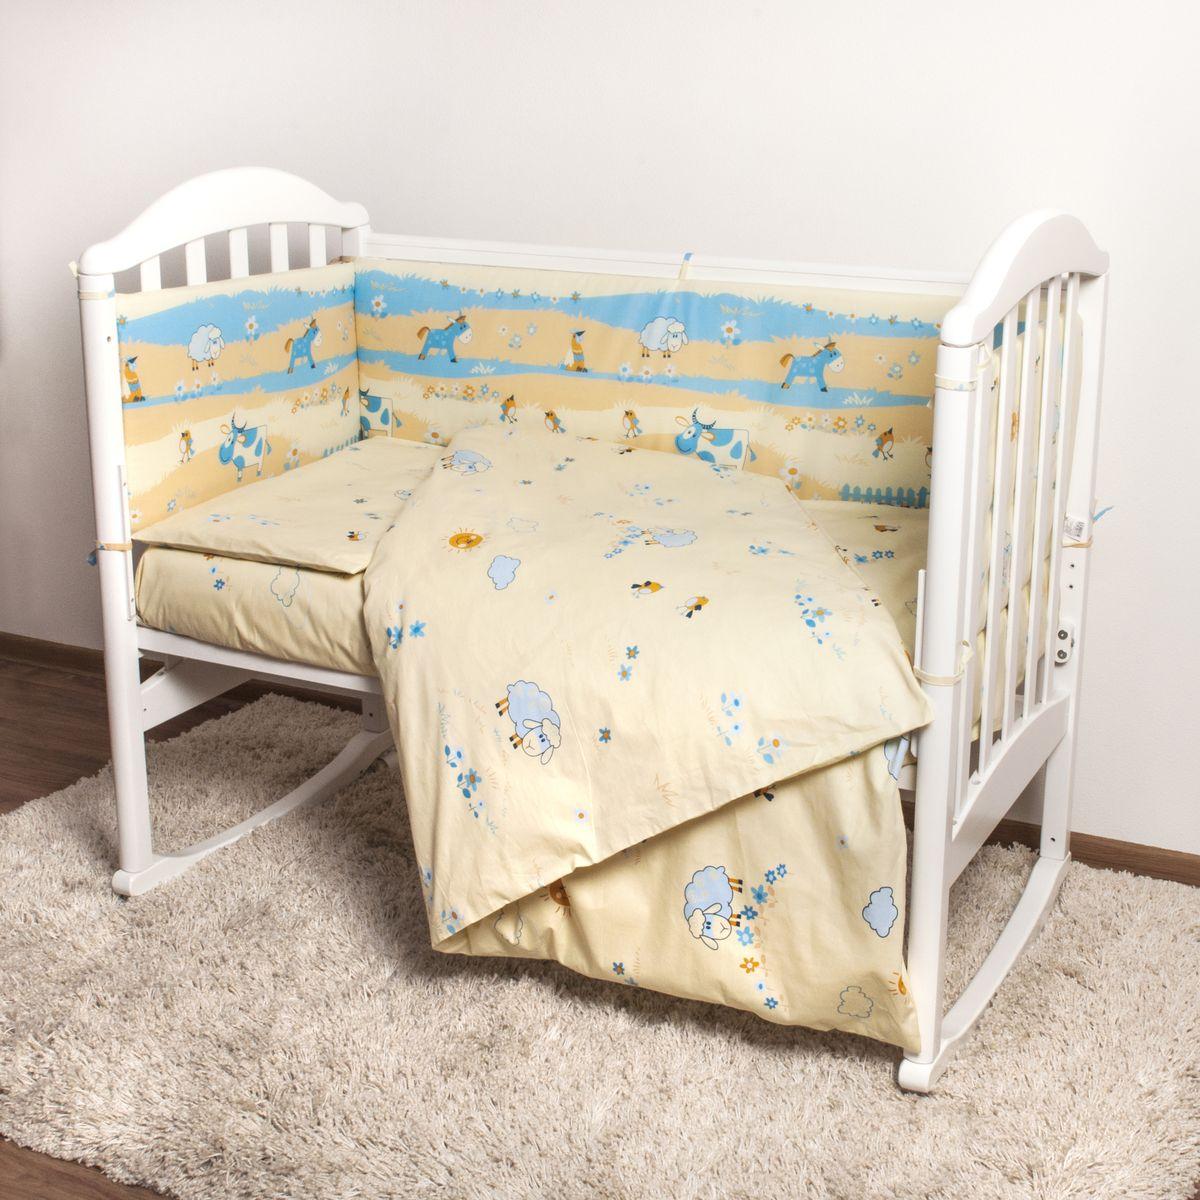 Baby Nice Детский комплект в кроватку Ферма (КПБ, бязь, наволочка 40х60), цвет: бежевый, голубойН613-04Комплект в кроватку Baby Nice Ферма для самых маленьких изготовлен только из самой качественной ткани, самой безопасной и гигиеничной, самой экологичной и гипоаллергенной. Отлично подходит для кроваток малышей, которые часто двигаются во сне. Хлопковое волокно прекрасно переносит стирку, быстро сохнет и не требует особого ухода, не линяет и не вытягивается. Ткань прошла специальную обработку по умягчению, что сделало ее невероятно мягкой и приятной к телу. Комплект создаст дополнительный комфорт и уют ребенку. Родителям не составит особого труда ухаживать за комплектом. Он превосходно стирается, легко гладится. Ваш малыш будет в восторге от такого необыкновенного постельного набора! В комплект входит: одеяло, пододеяльник, подушка, наволочка, простыня, борт.